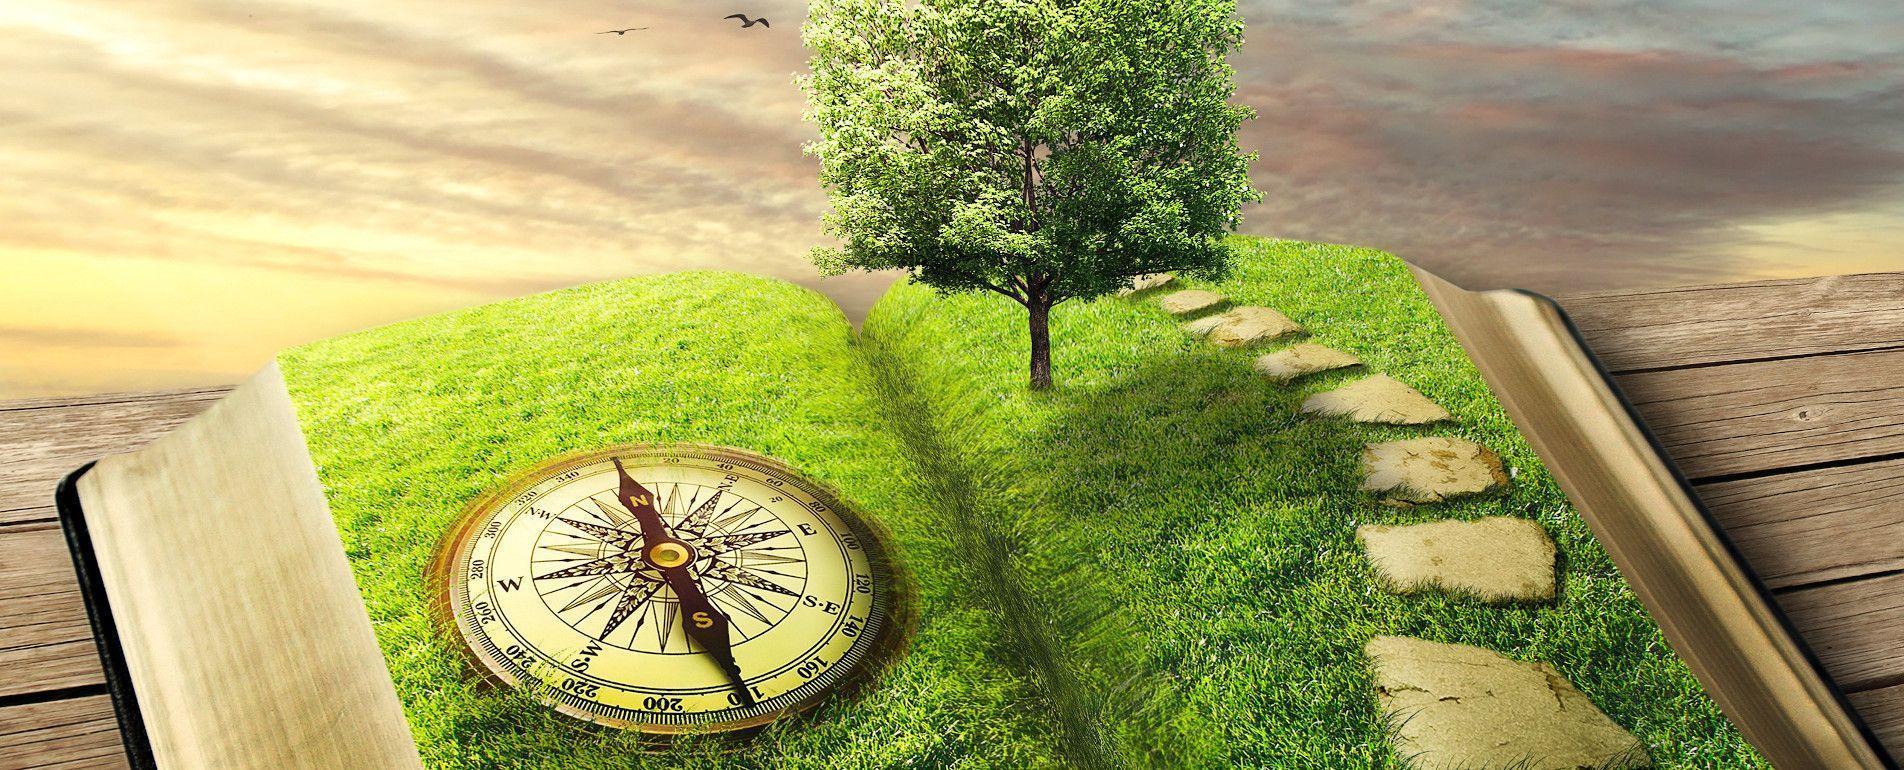 Un livre ouvert contentant une boussole et un arbre